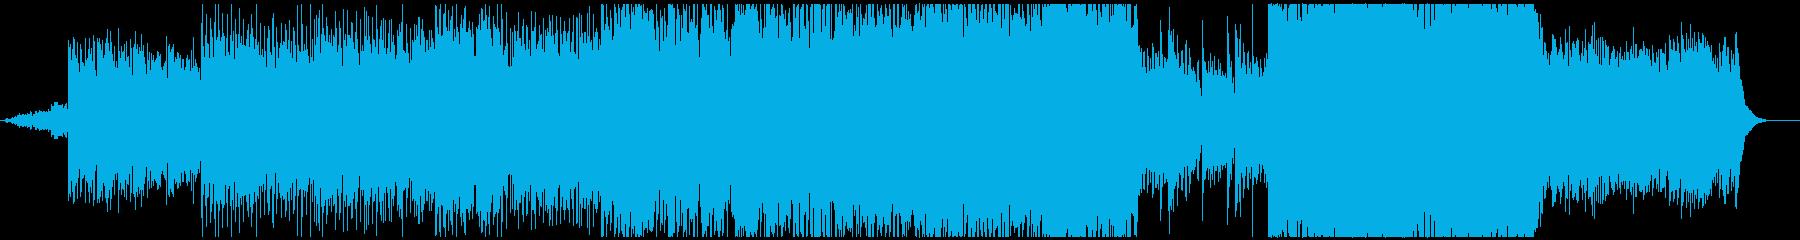 アコギを使用したゆったりとした映像的な曲の再生済みの波形